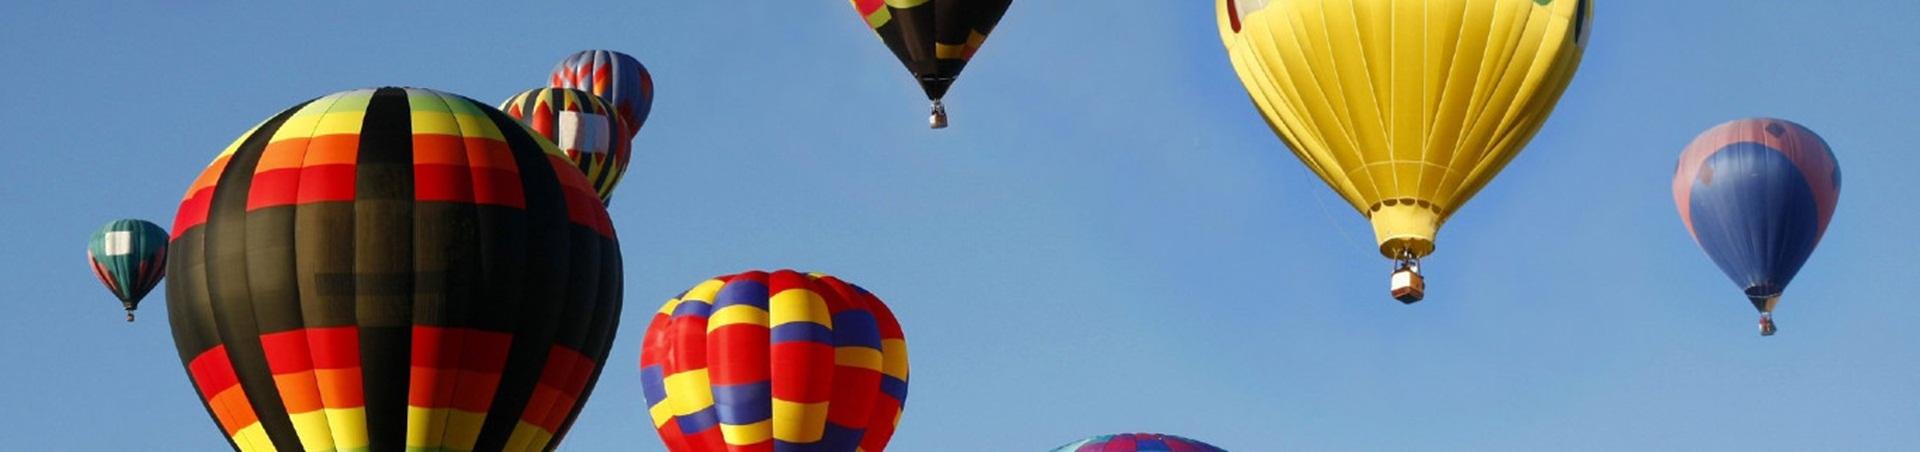 Фестиваль шаров слайдер